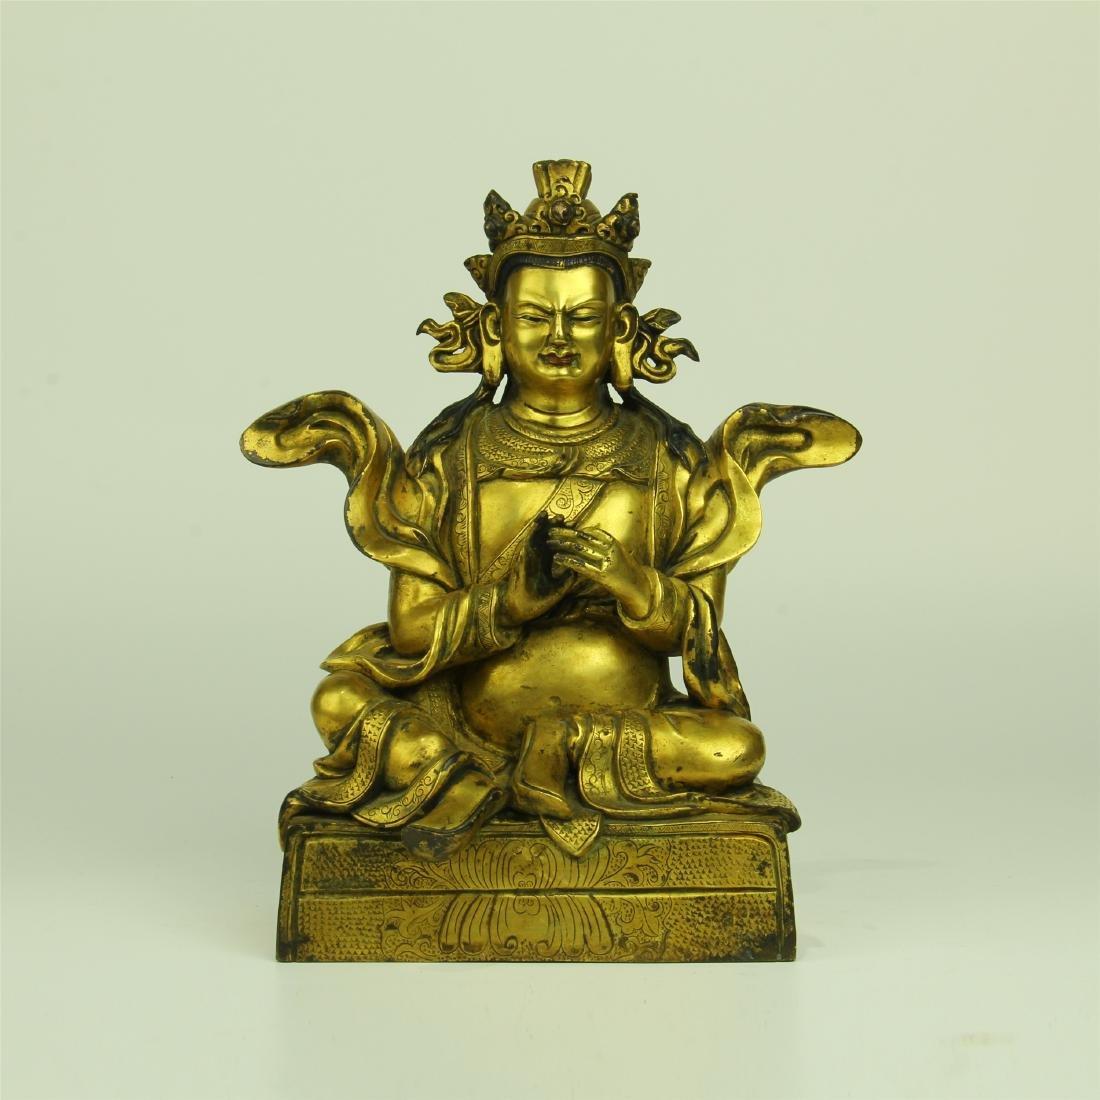 CHINESE GILT BRONZE SEATED GURU BUDDHA